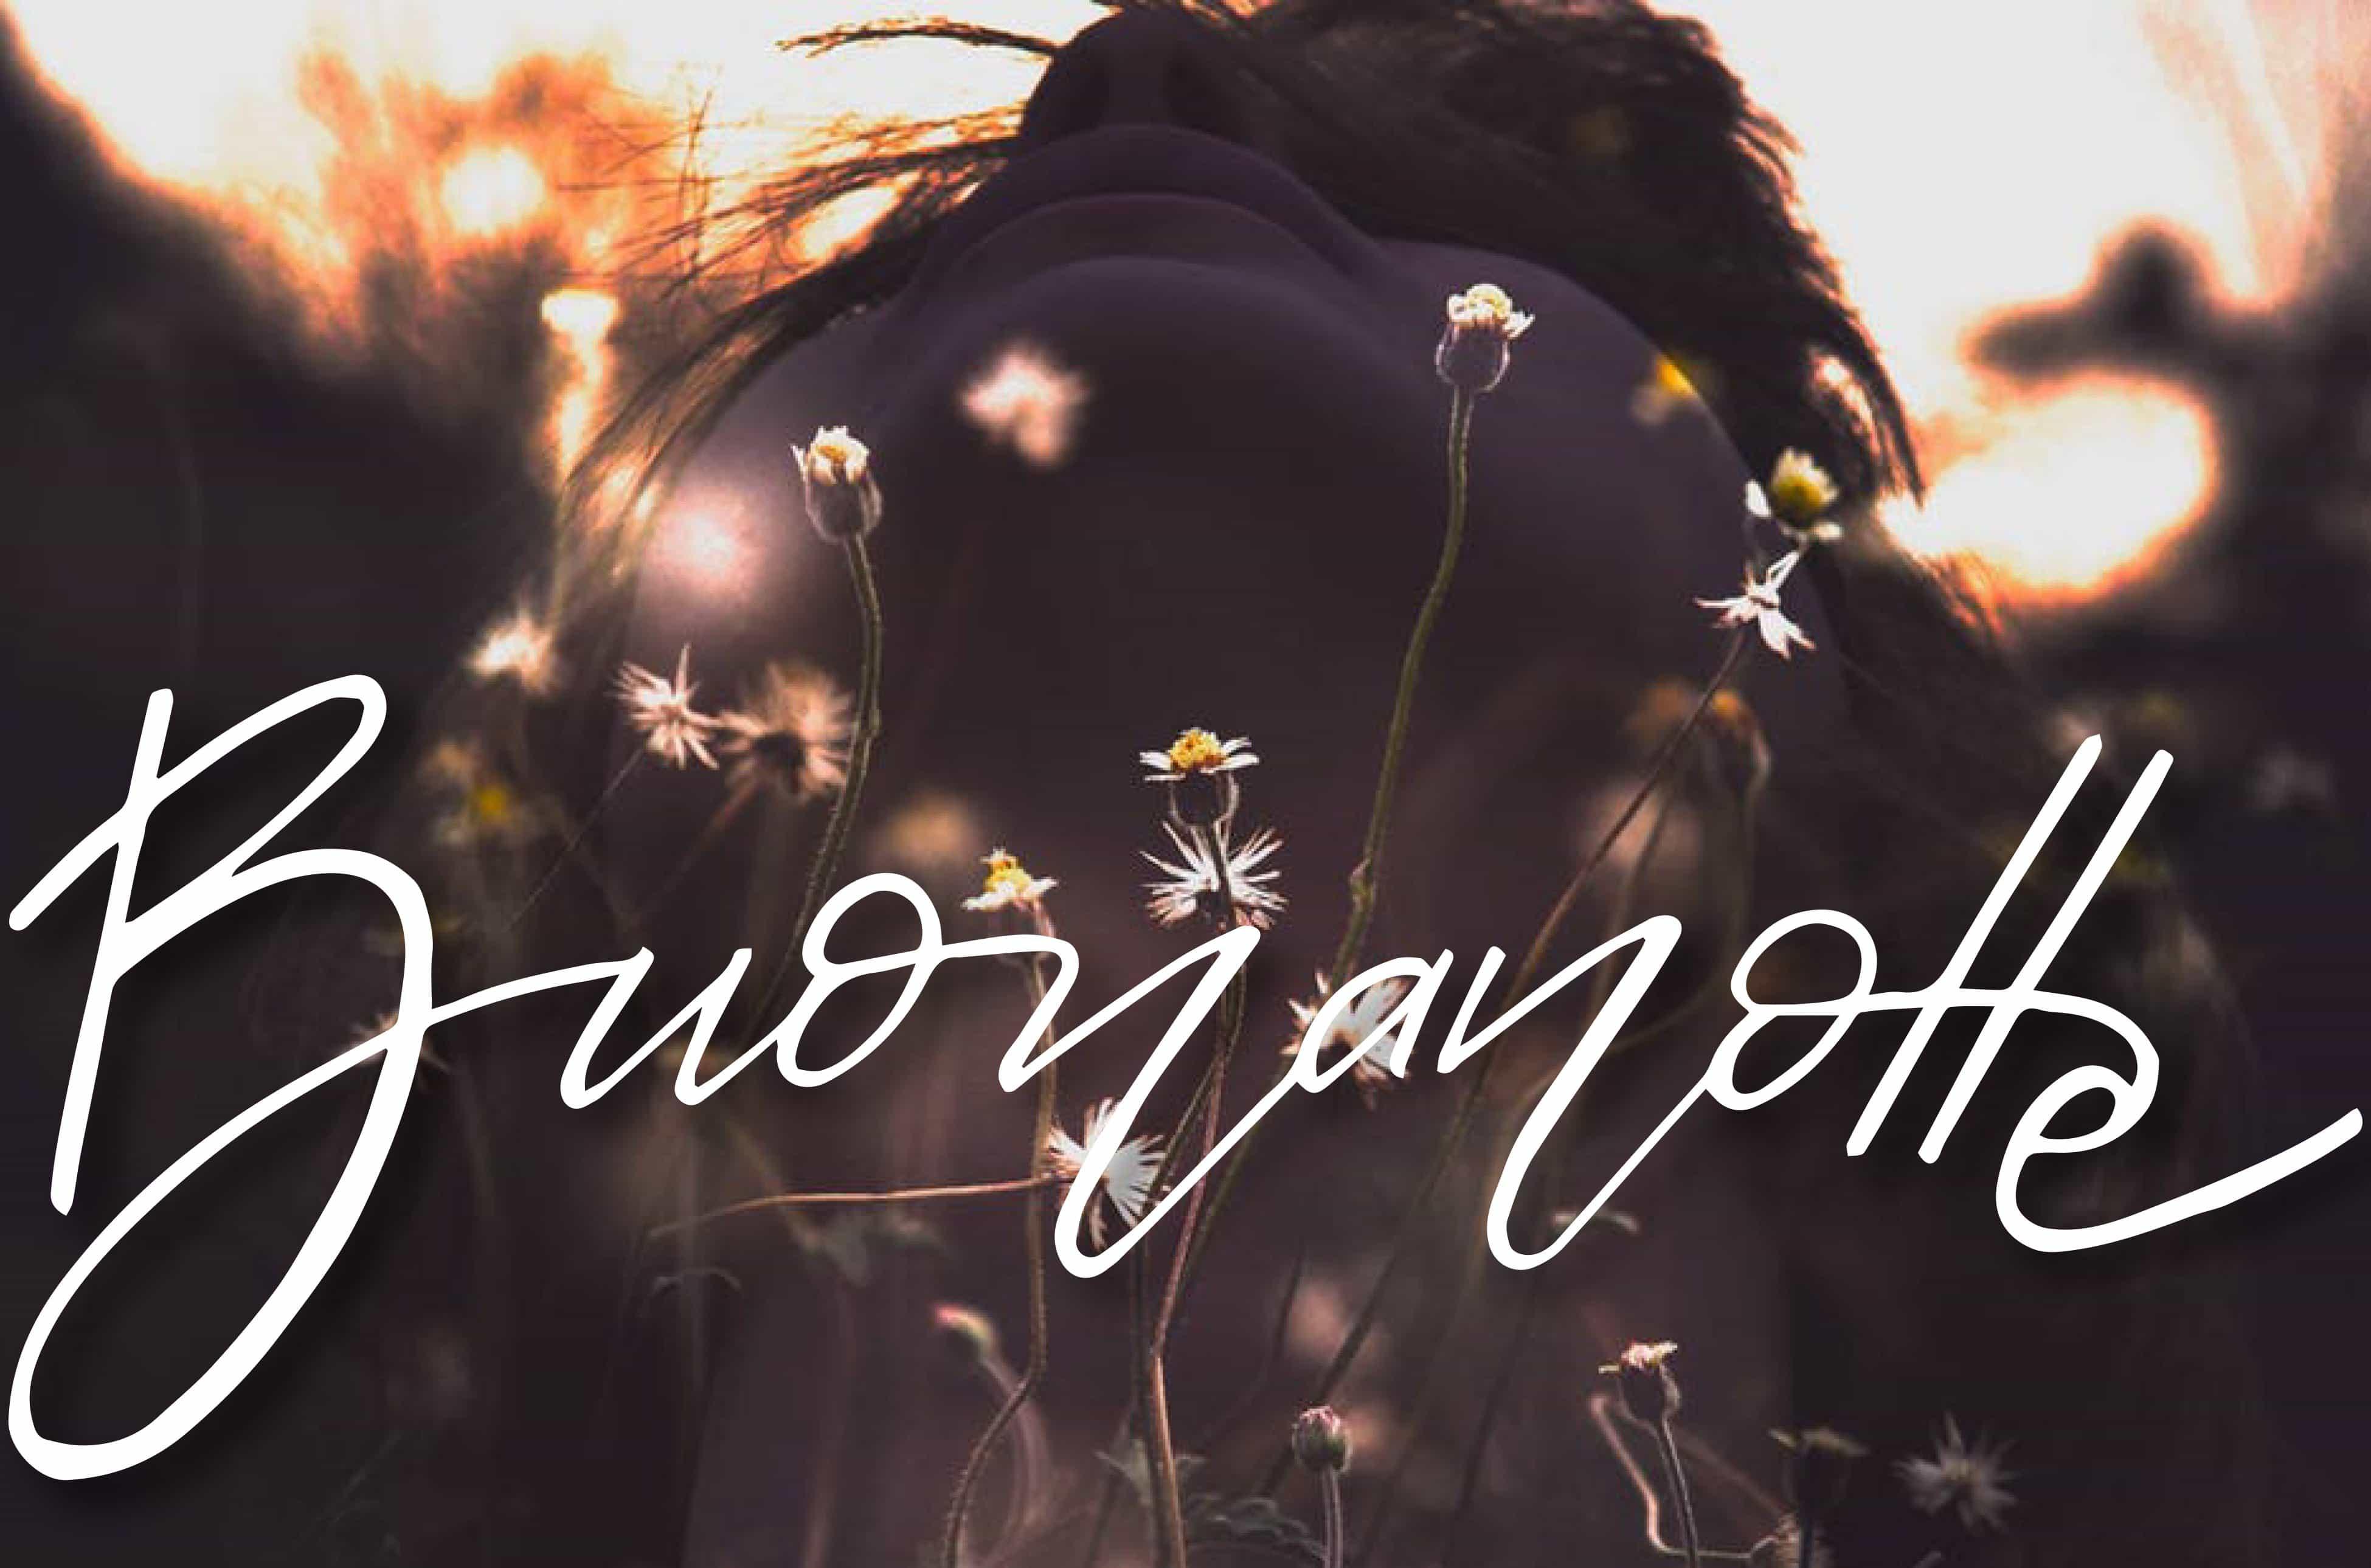 Foto con i fiori per augurare buonanotte su Facebook